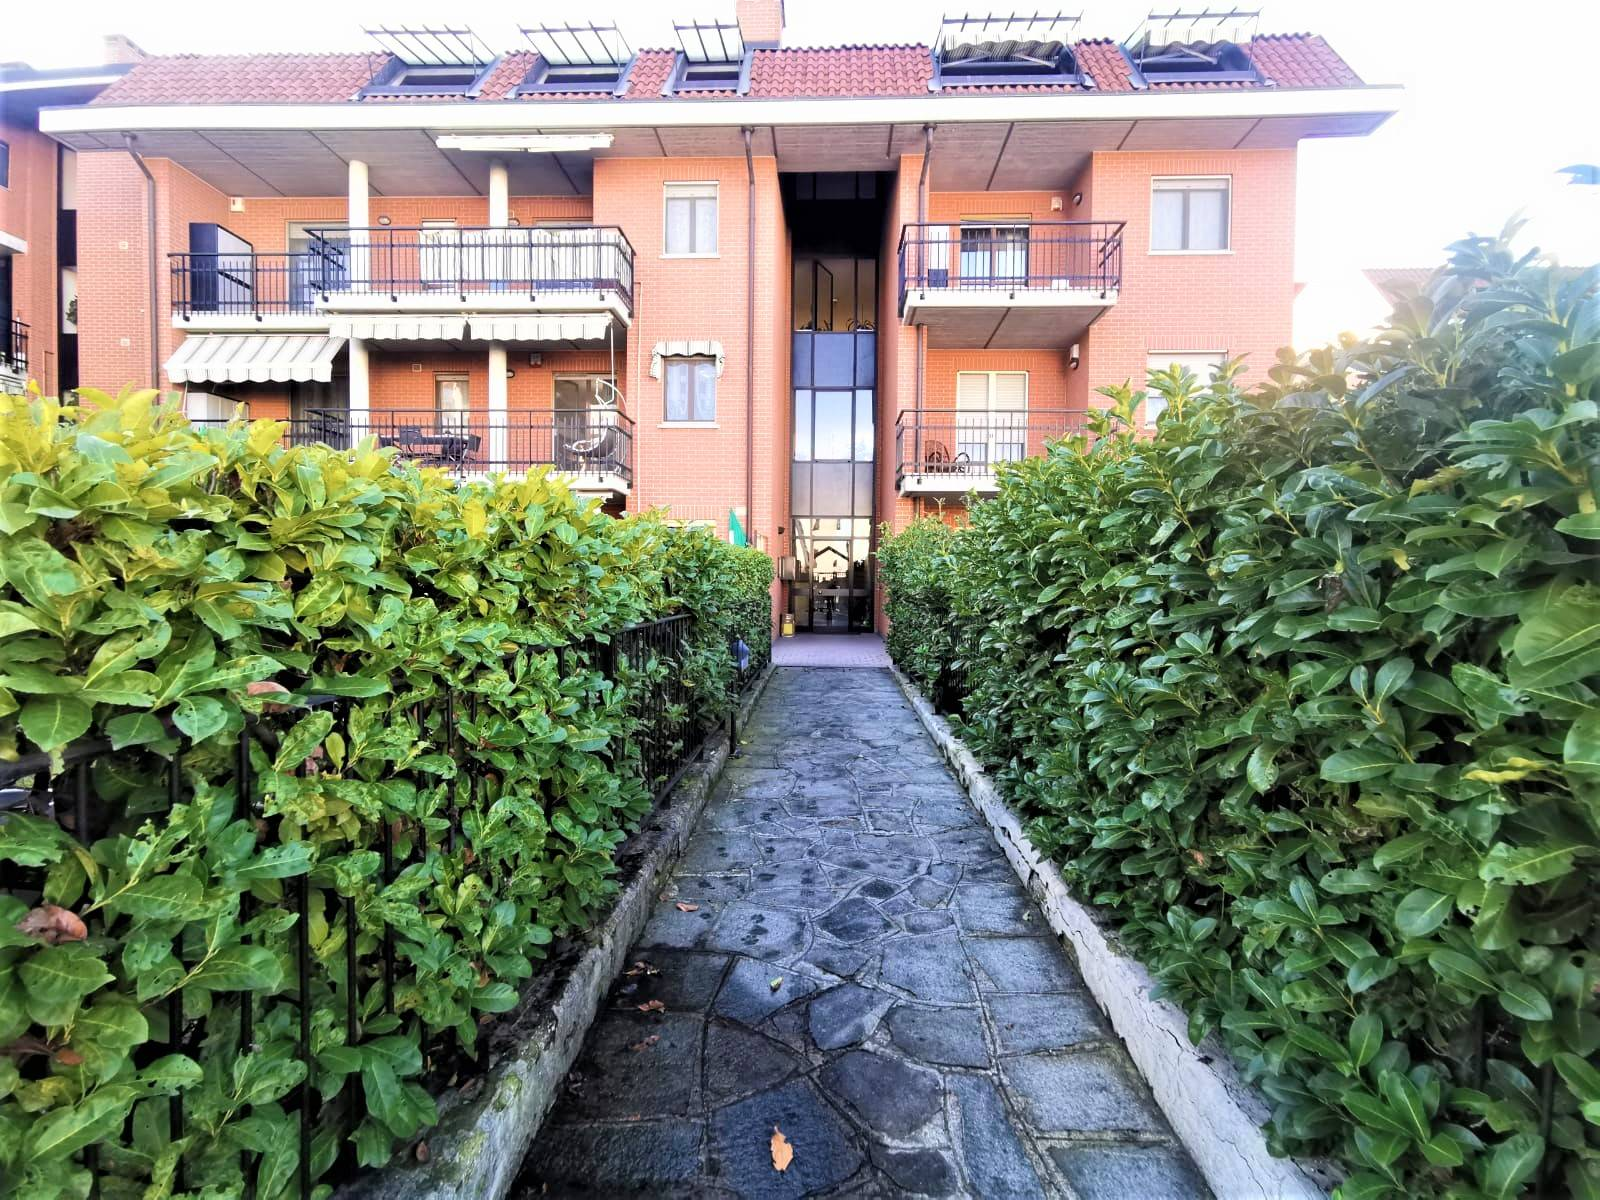 Appartamento in vendita a Venaria Reale, 5 locali, prezzo € 229.000 | CambioCasa.it